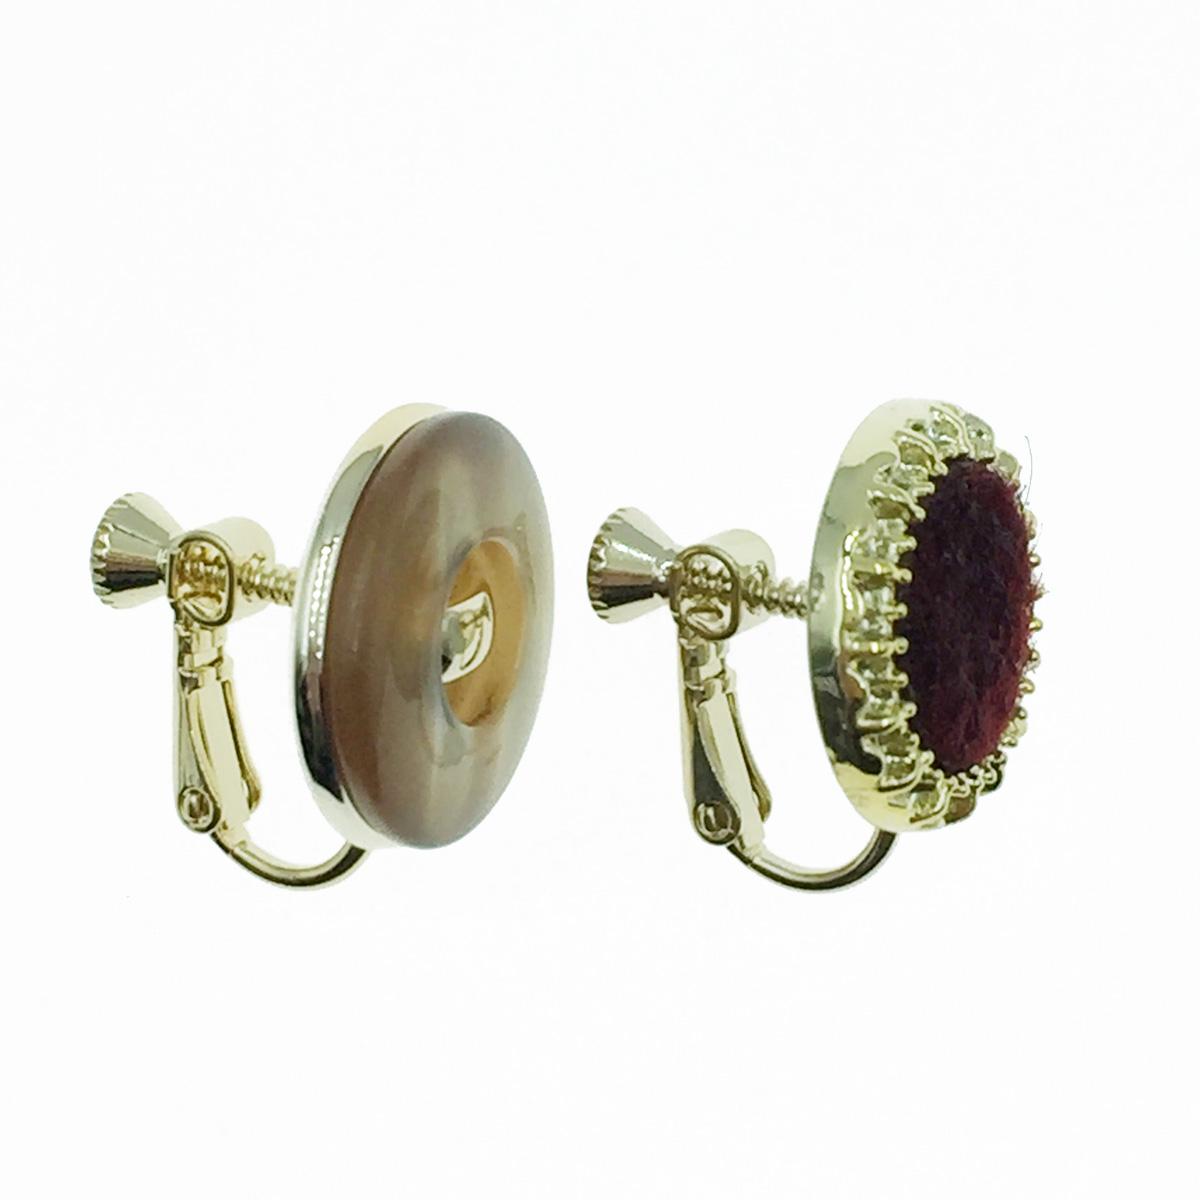 韓國 鈕扣造型 不對稱 復古風 夾式耳環